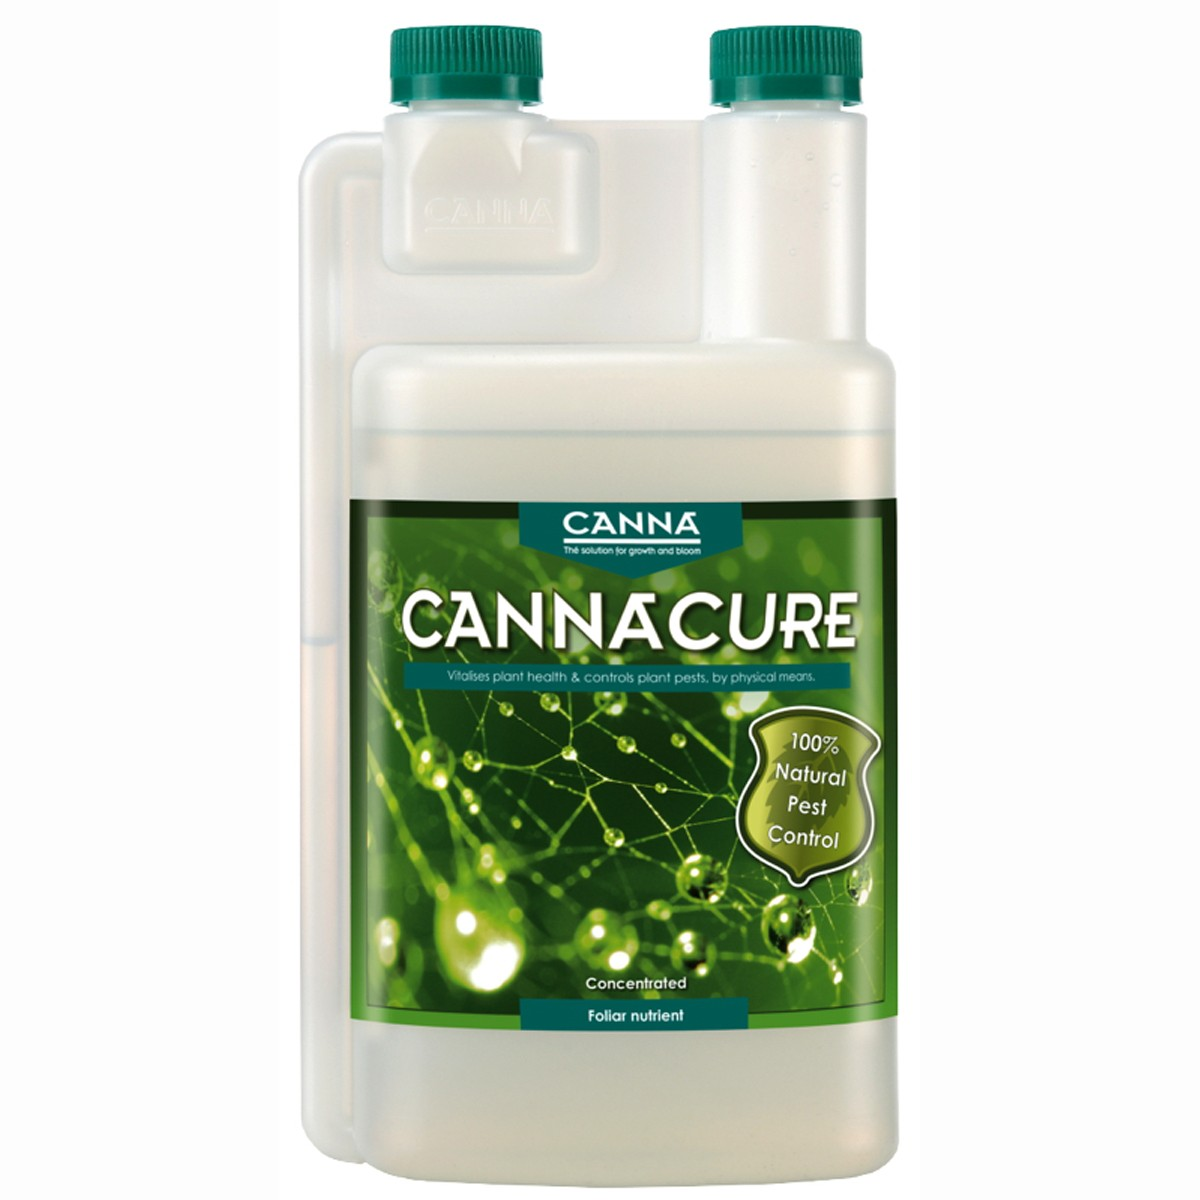 Canna Cannacure 1L náhradní náplň (Postřik proti škůdcům)